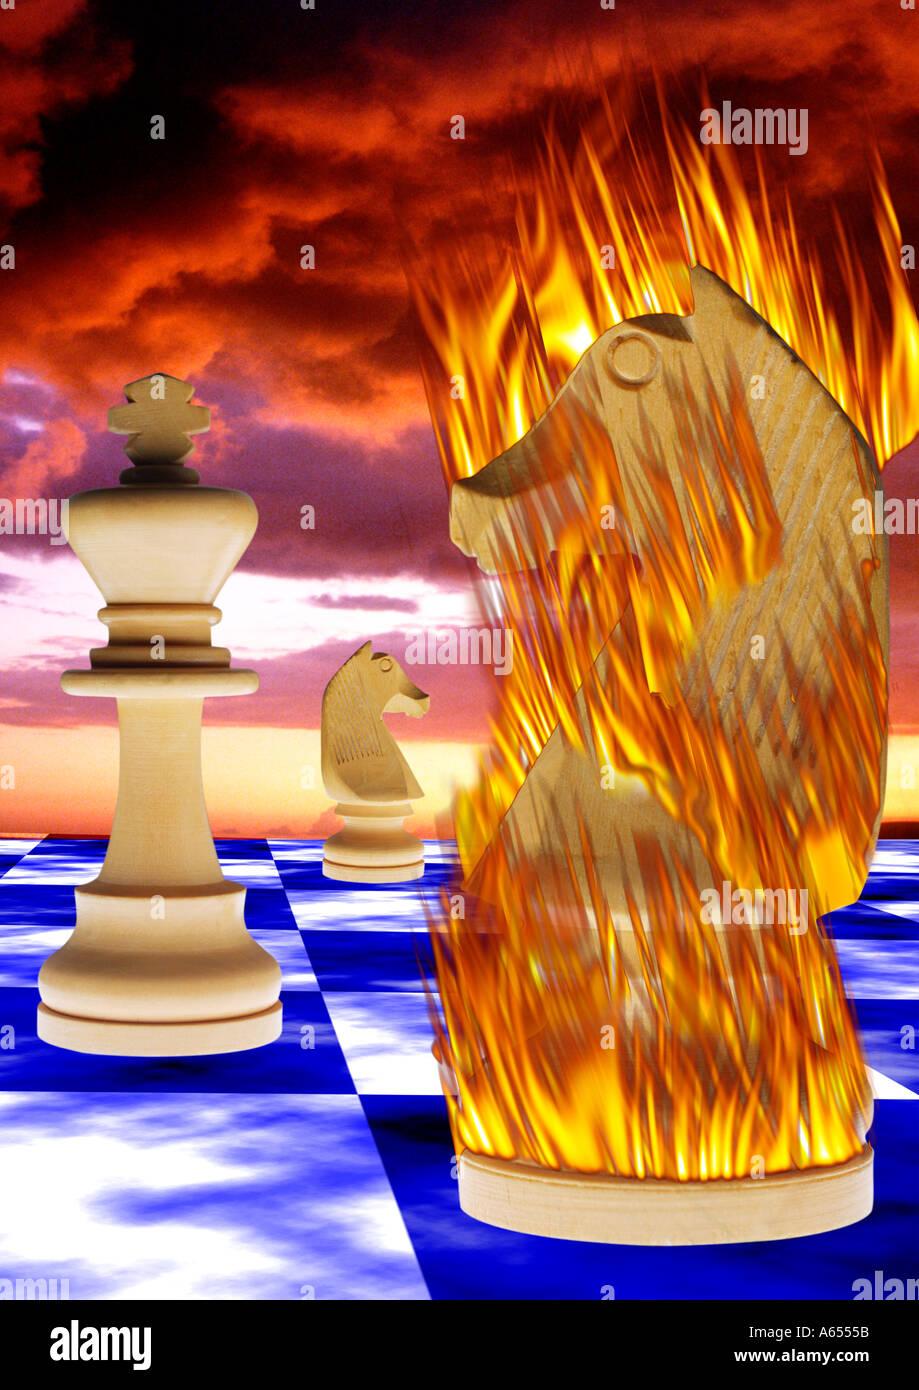 , Ajedrez gigante, piezas, Juego, concepto abstracto efectos especiales, estrategia, teoría, racional, estudio, matemática, modelo Imagen De Stock